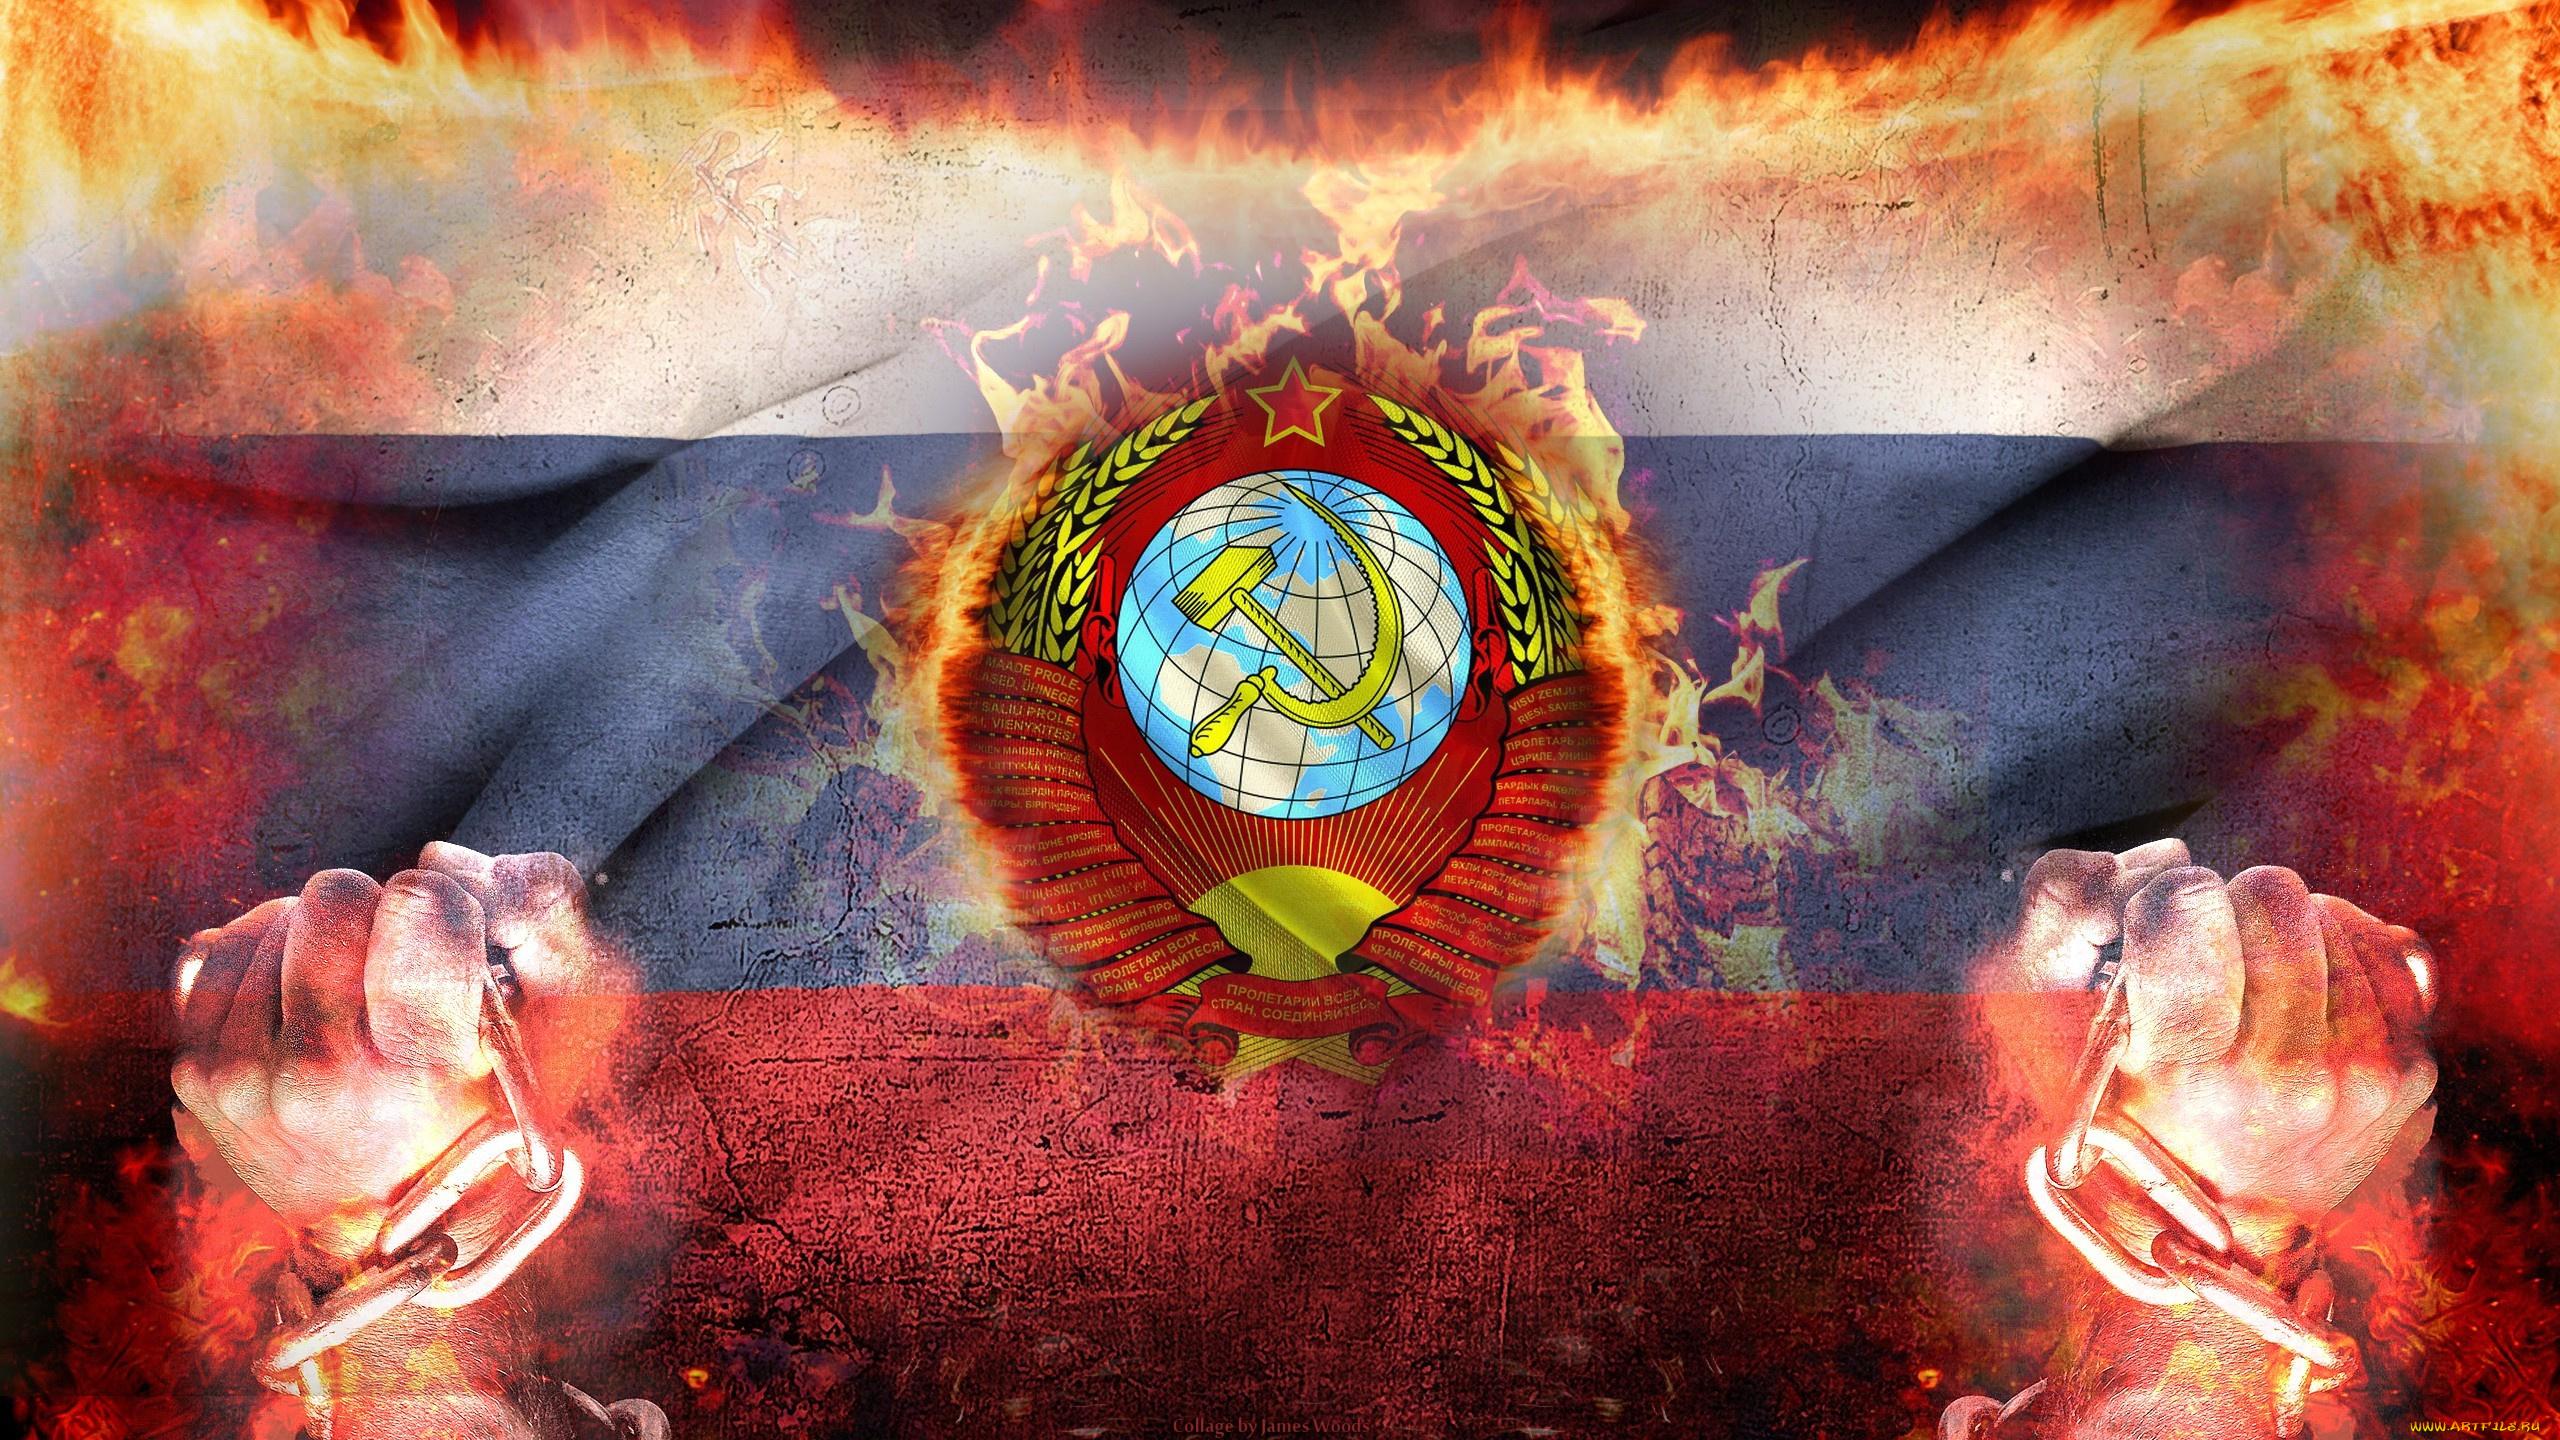 обои на рабочий стол русский медведь на фоне флага № 174758 бесплатно